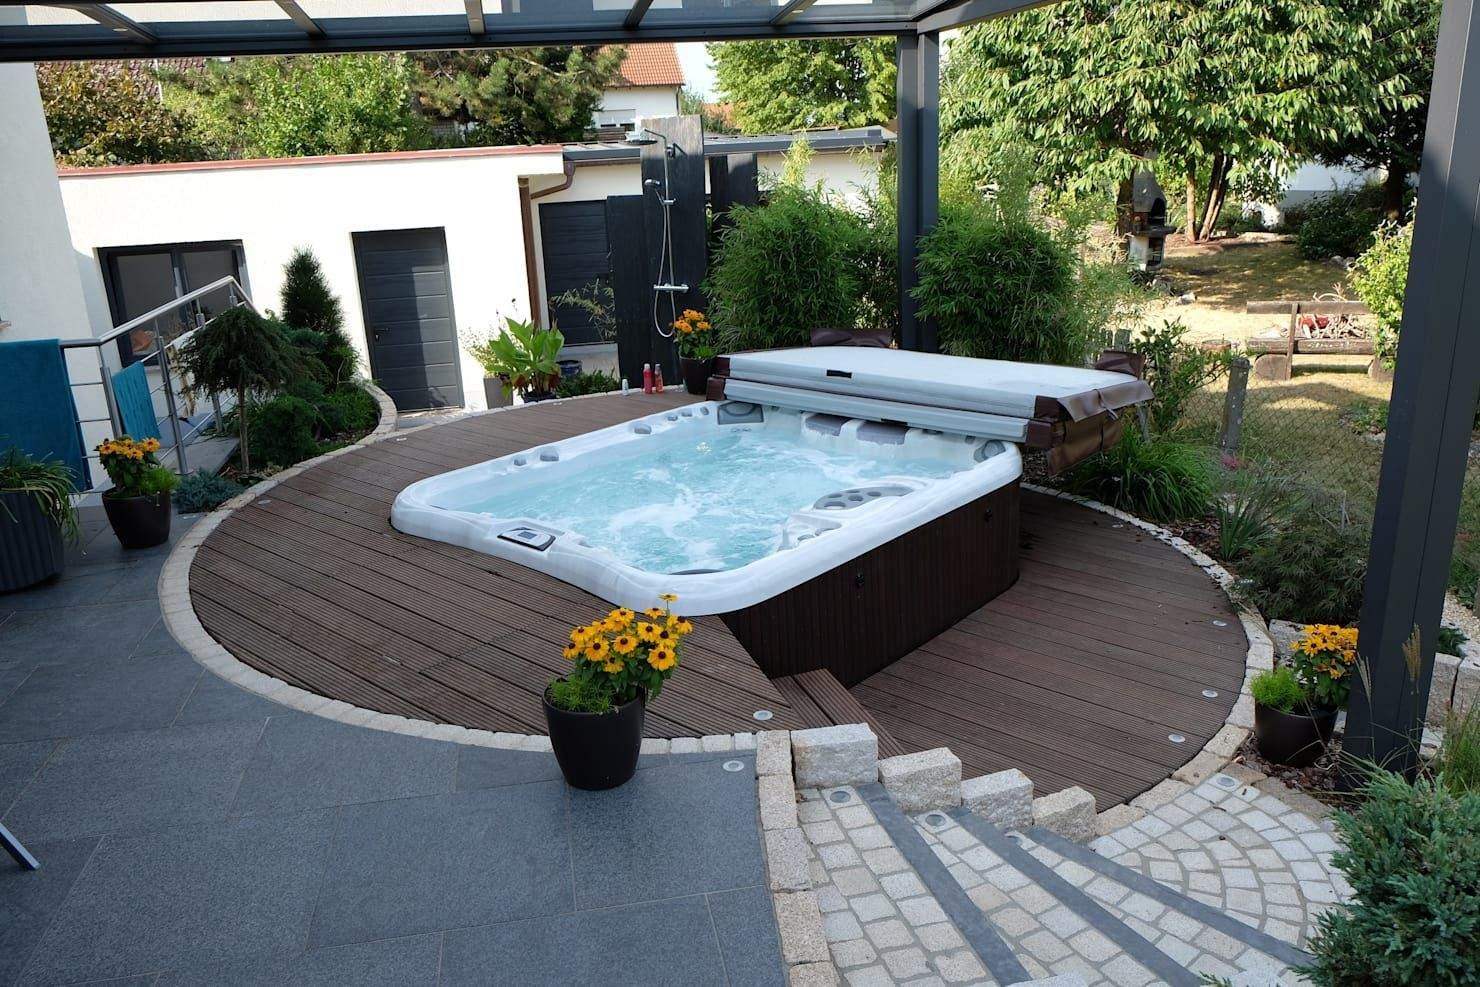 Whirlpool Im Garten Luxus 22 Mini Pools Sich Fantastisch In Deinem Garten Machen